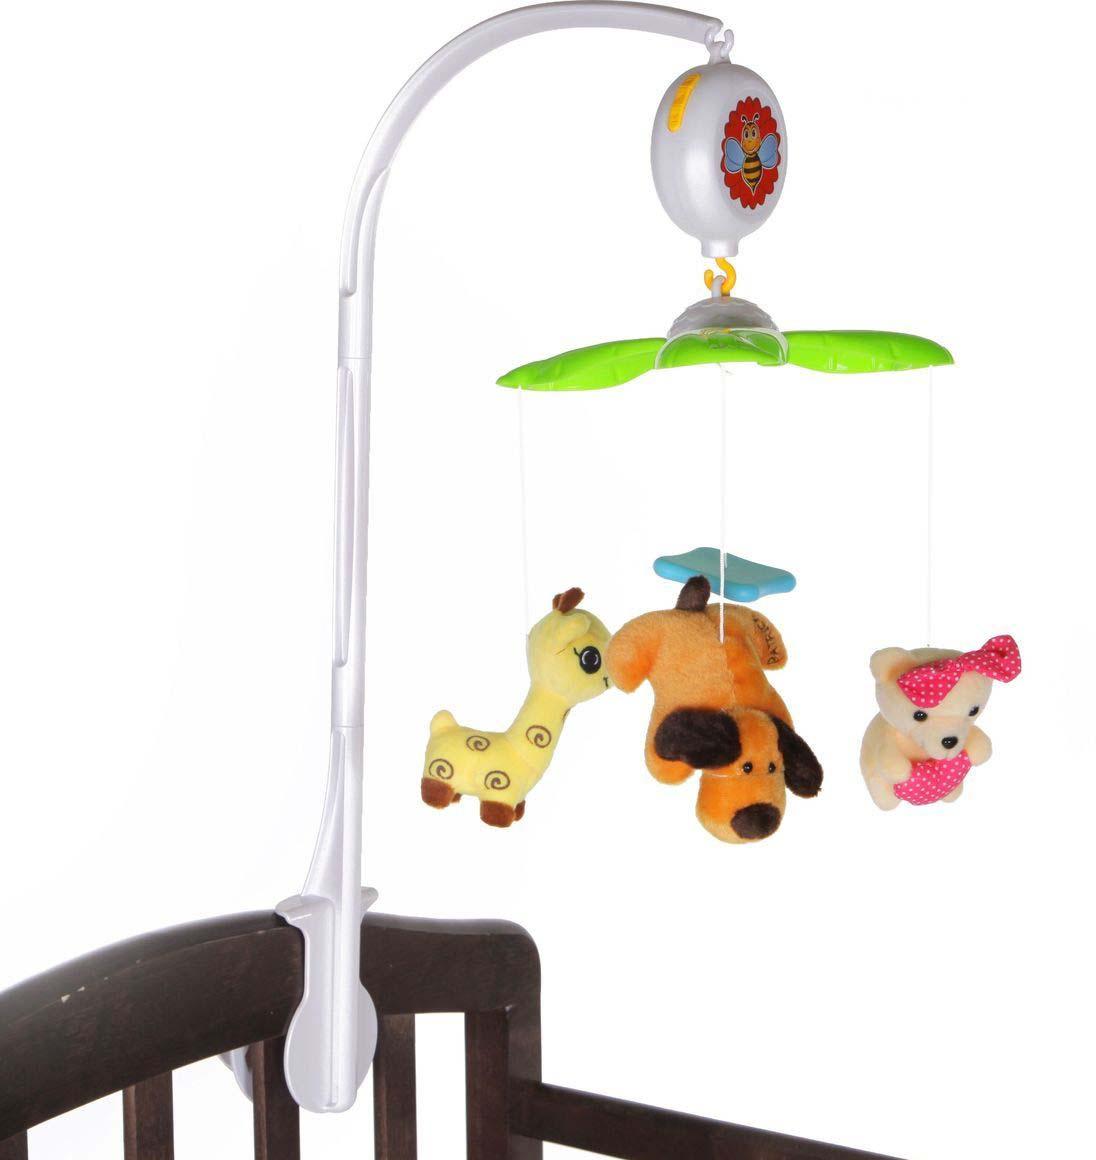 Мобиль на кроватку - Зверушки, звукМобили и музыкальные карусели на кроватку, игрушки для сна<br>Мобиль на кроватку - Зверушки, звук<br>